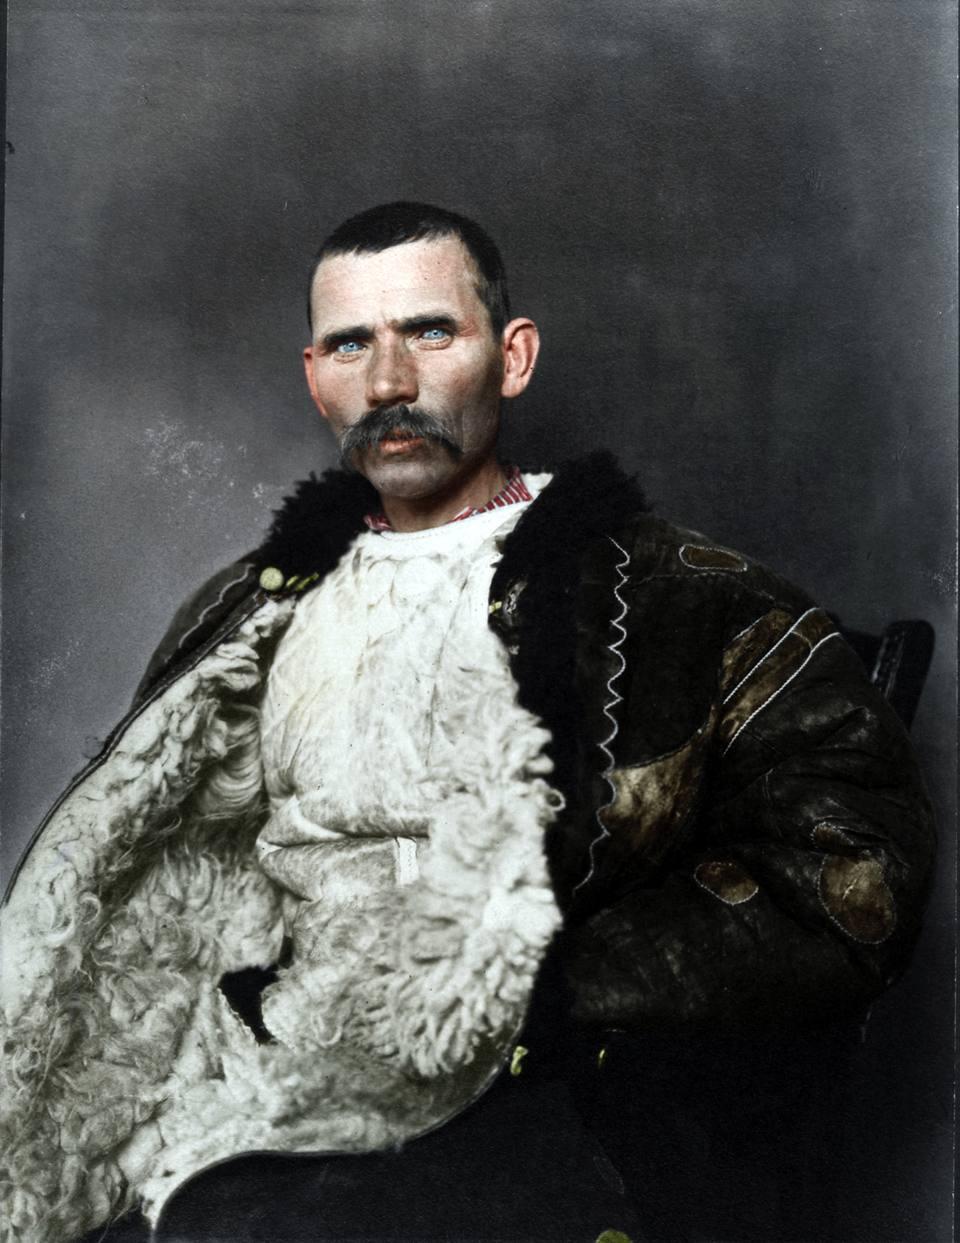 Gli occhi azzurri del pastore rumeno